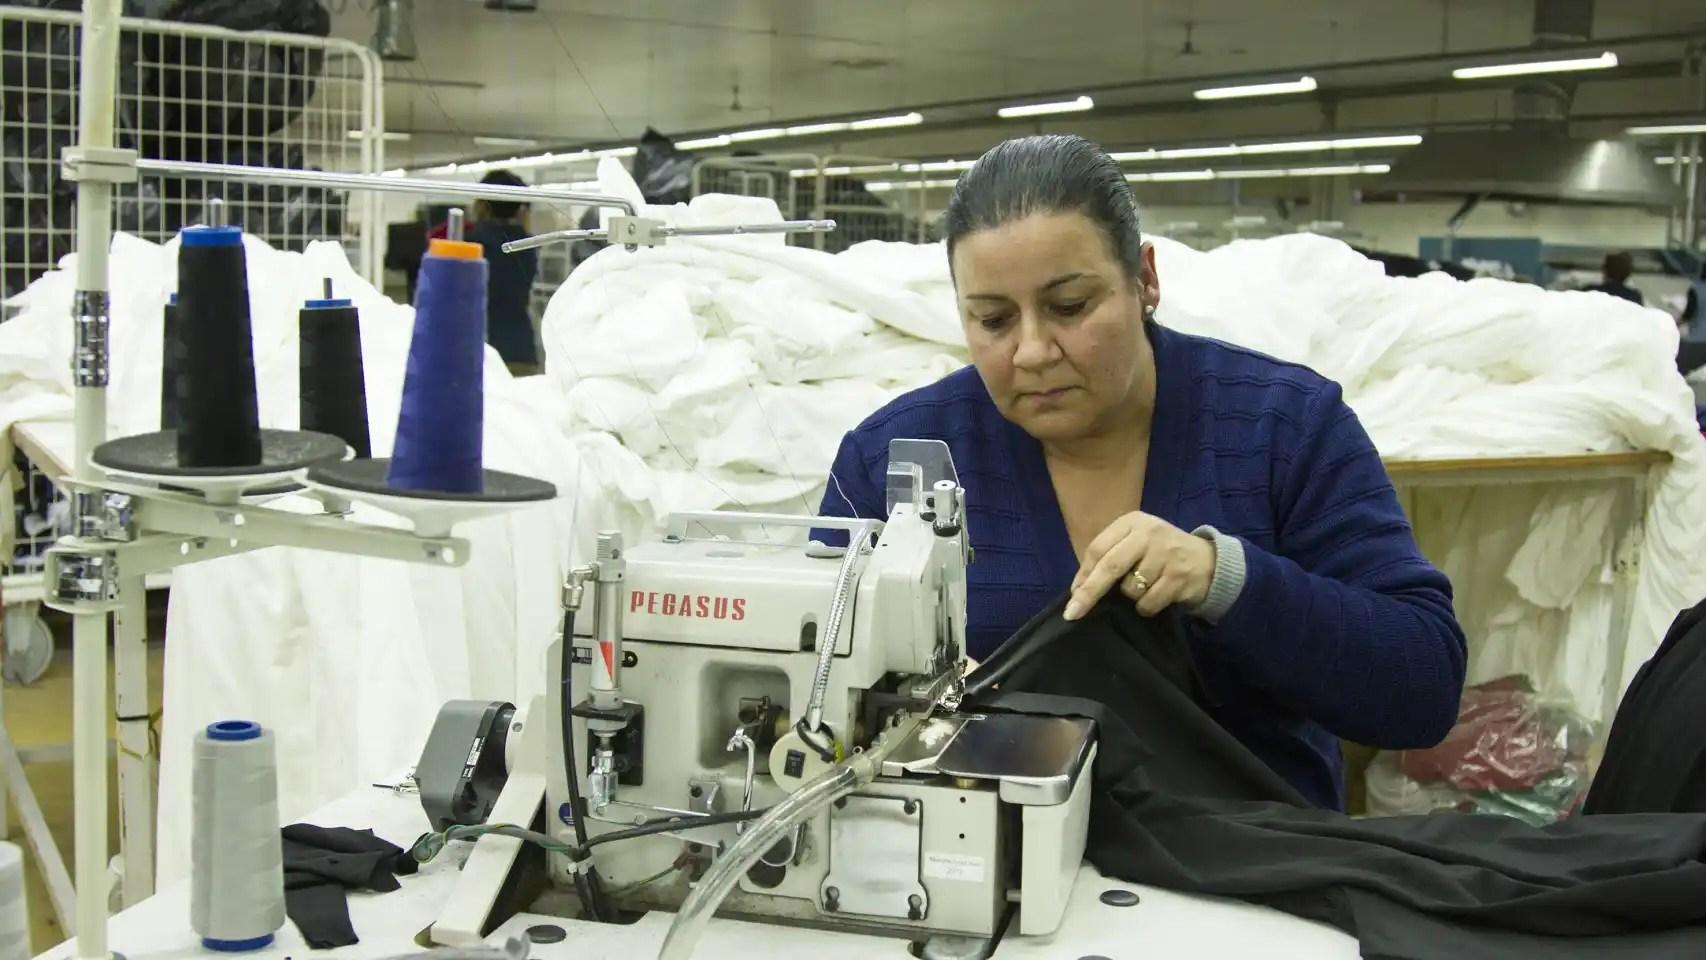 Paula Carvalho trabaja en Crispim Abreu hace 15 años.